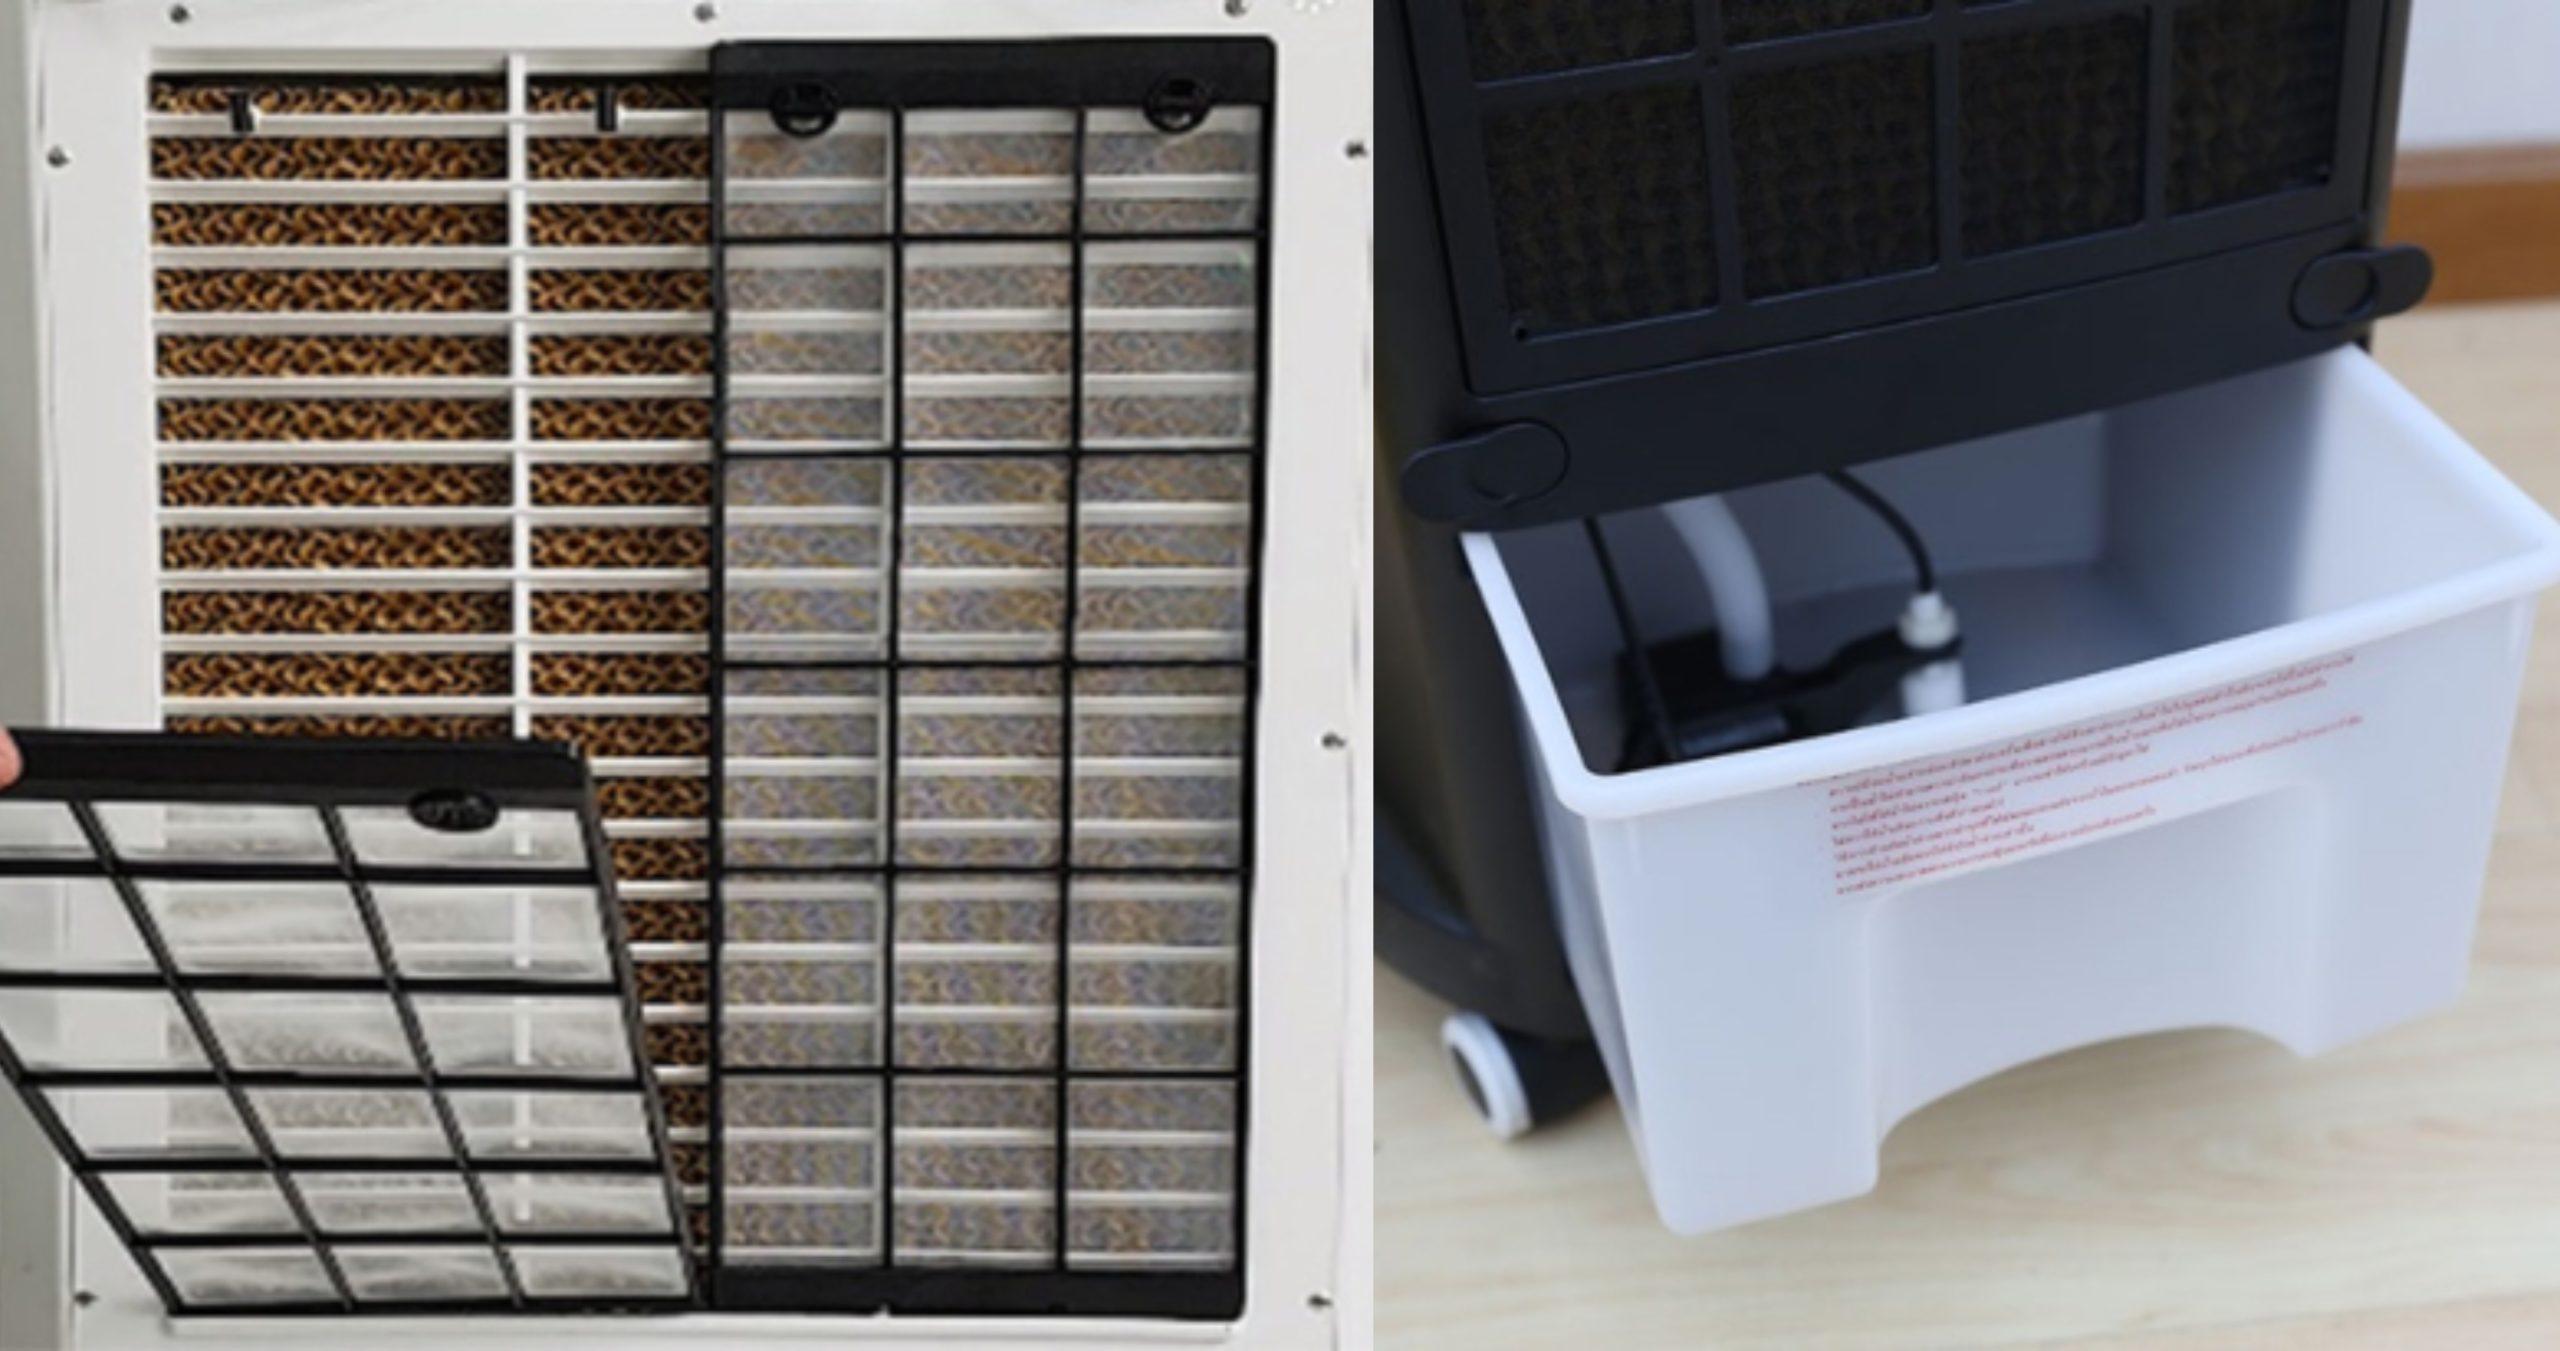 cách sử dụng quạt điều hòa; Cách sử dụng quạt điều hòa đúng cách và tiết kiệm điện; Cách sử dụng máy làm mát không khí; Cách sử dụng quạt điều hòa Midea.